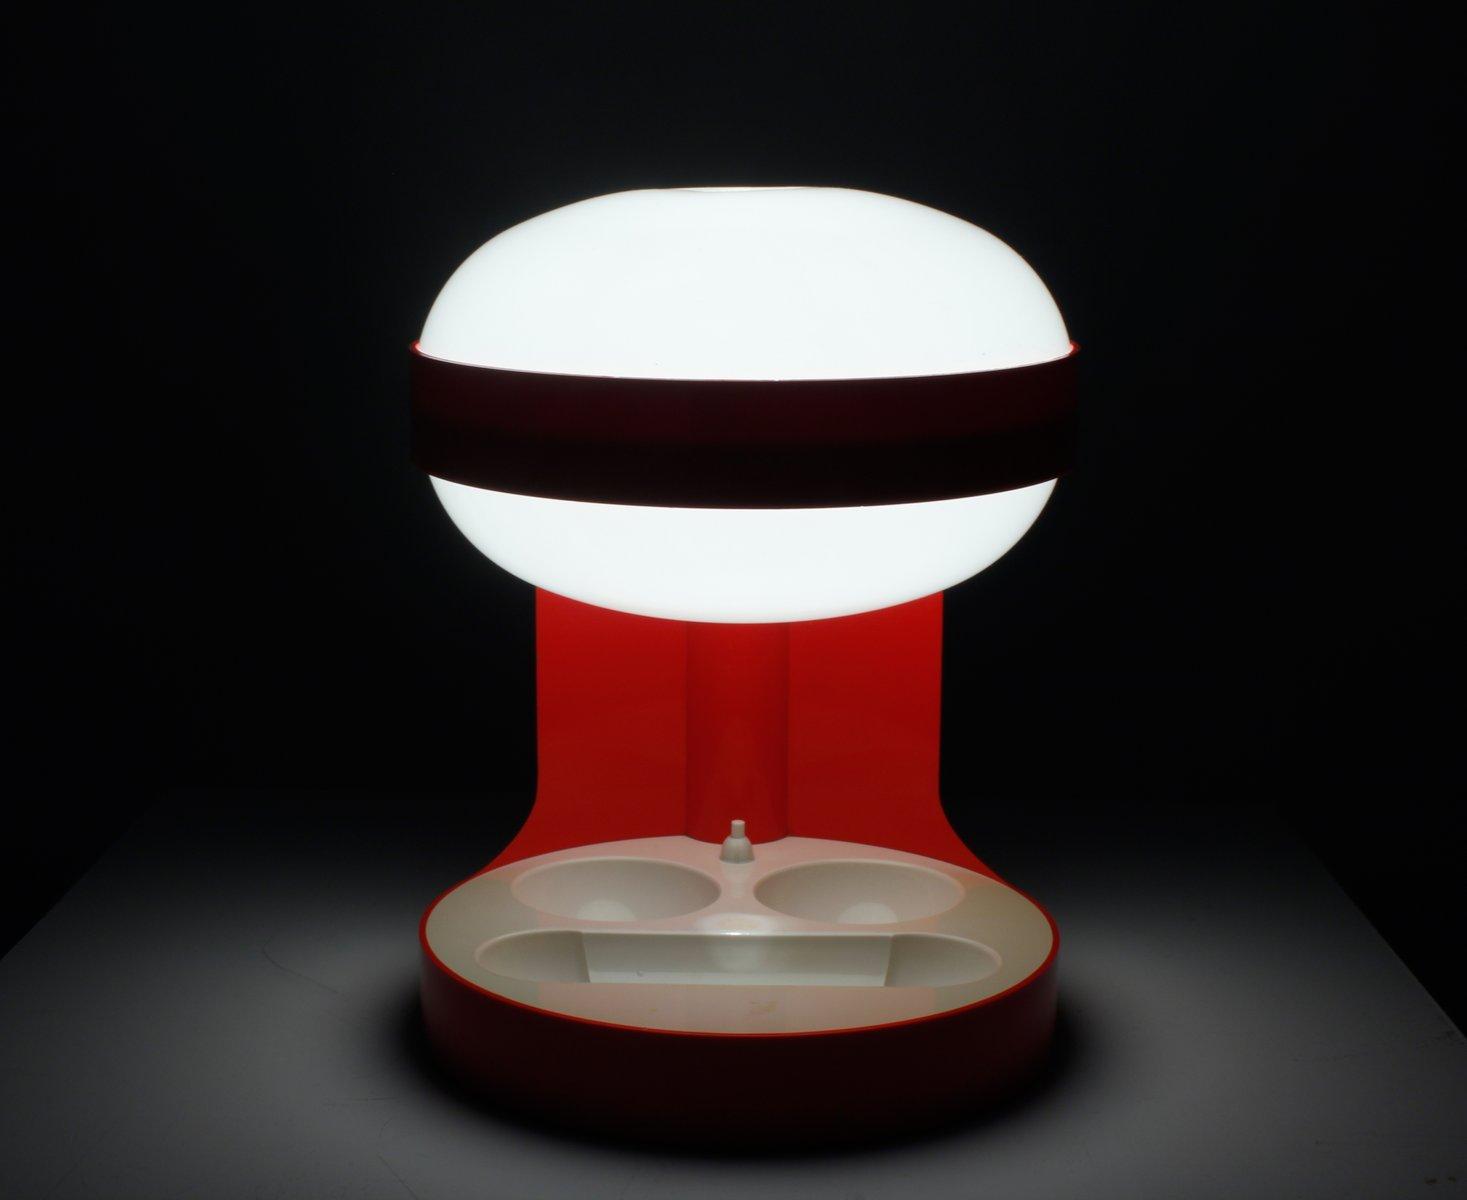 lampe de bureau kd 29 rouge par joe colombo pour kartell 1967 en vente sur pamono. Black Bedroom Furniture Sets. Home Design Ideas